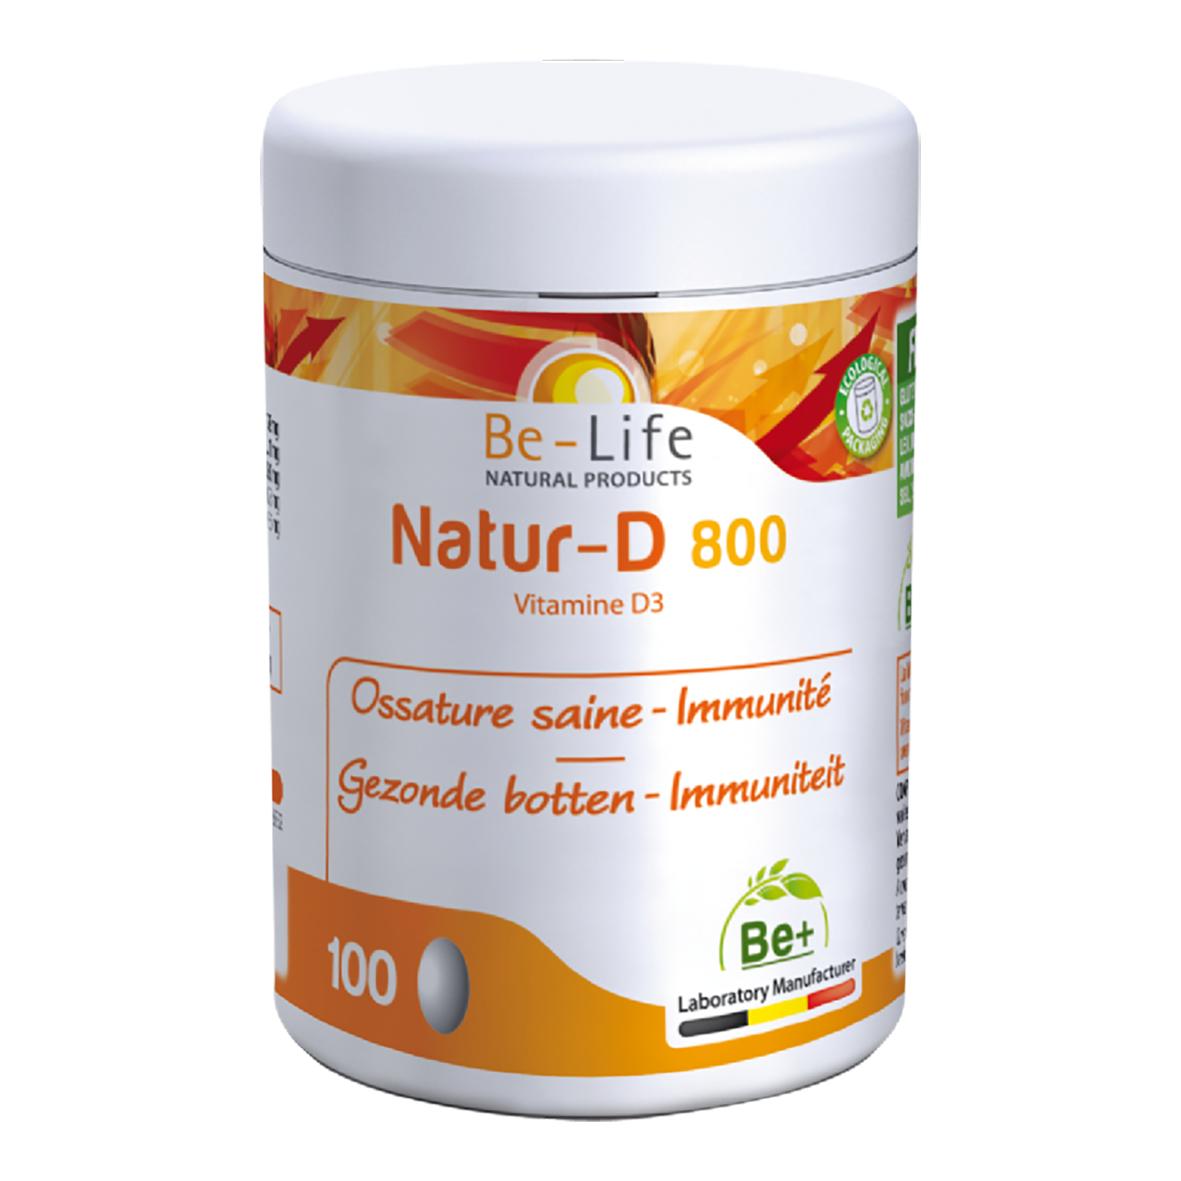 Lechoppebio Natur-D 800 (Vitamine D3) 100 capsules - Belife